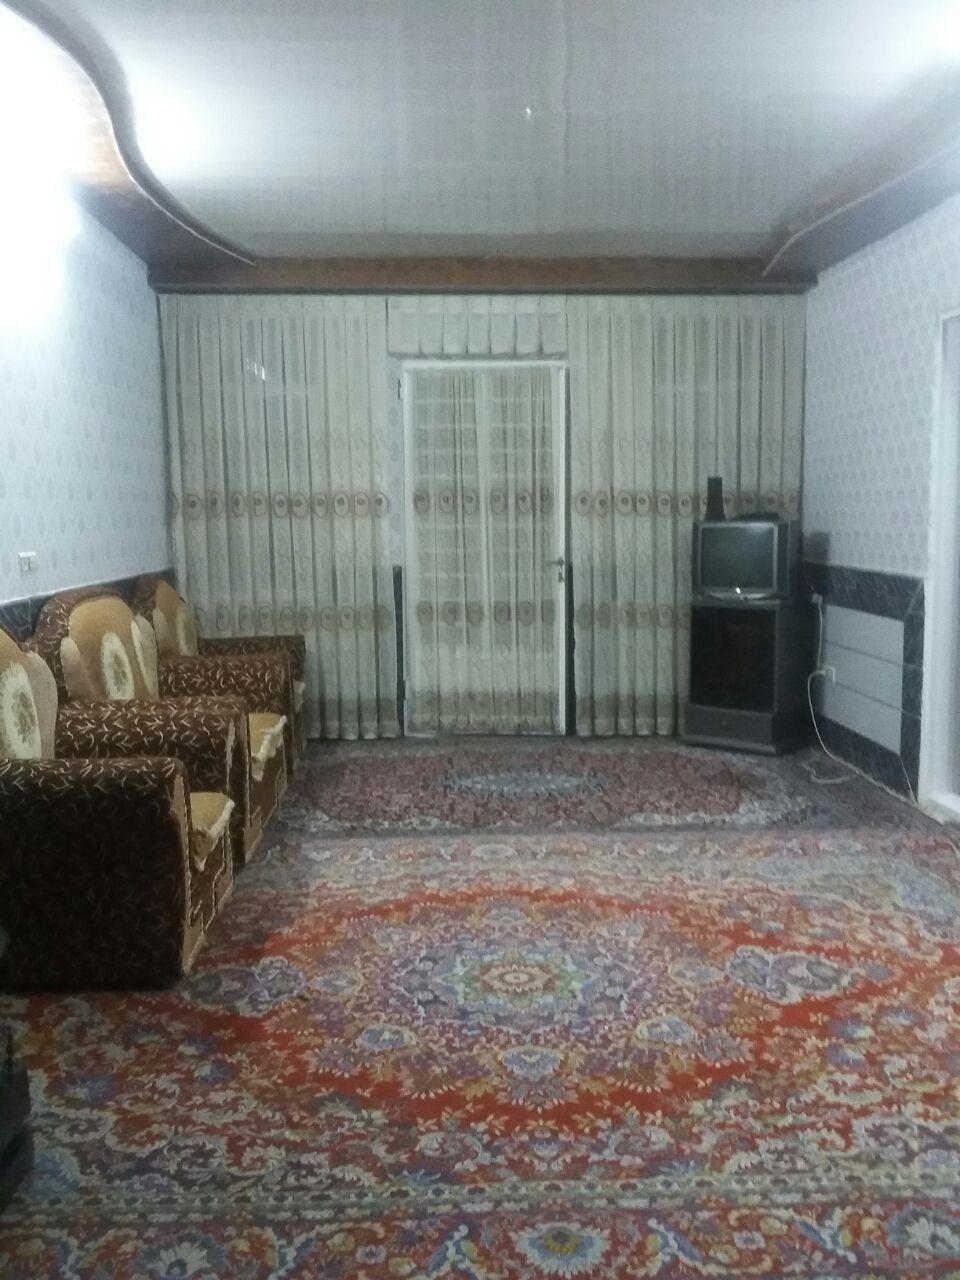 اجاره منزل در کاشان-کد ۱۲۲